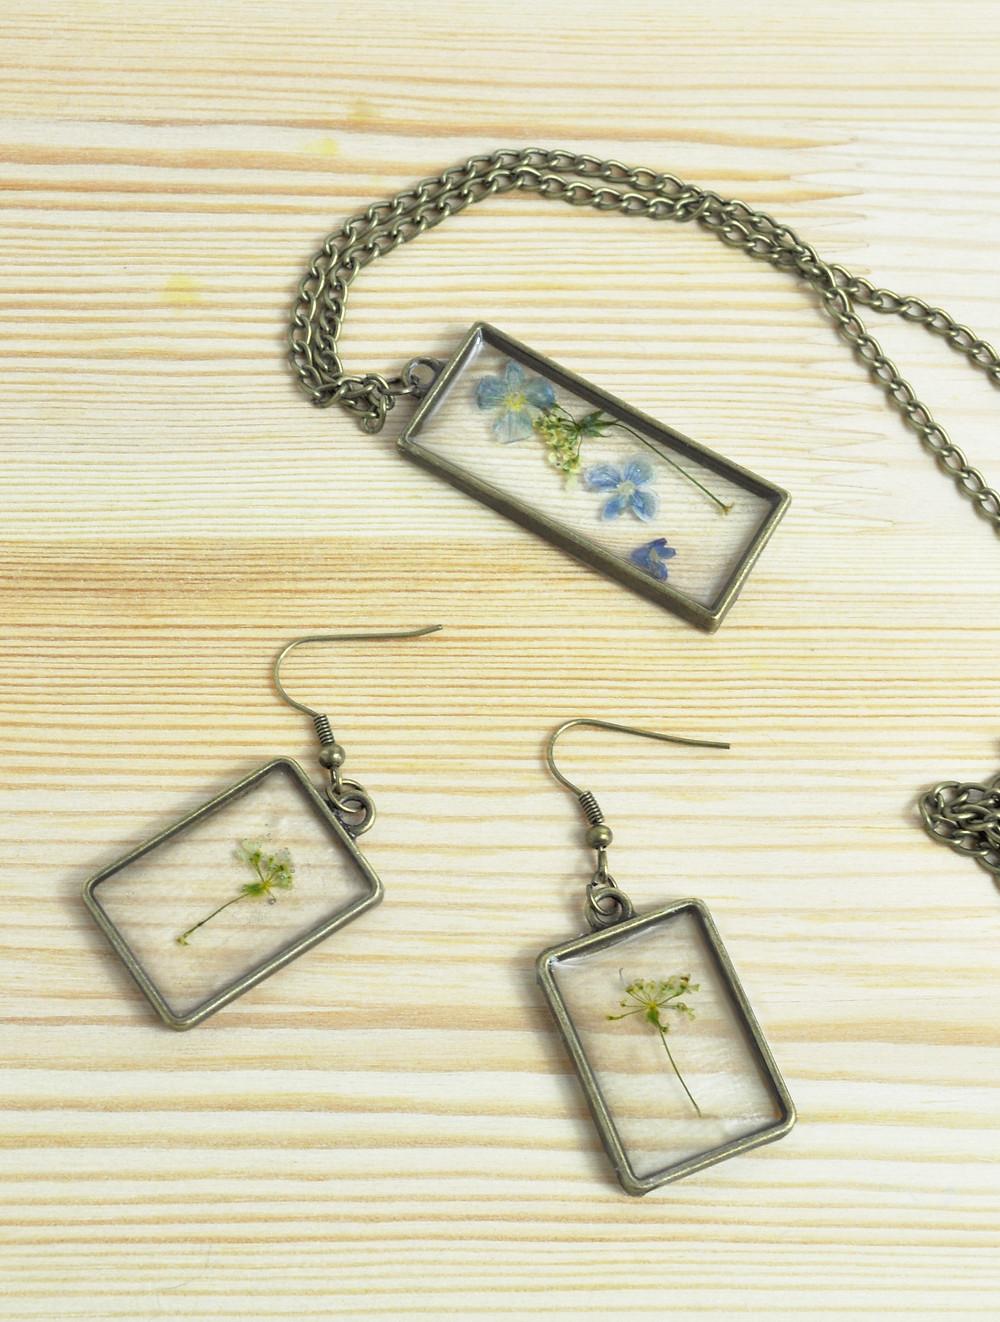 Resin pressed flower jewellery